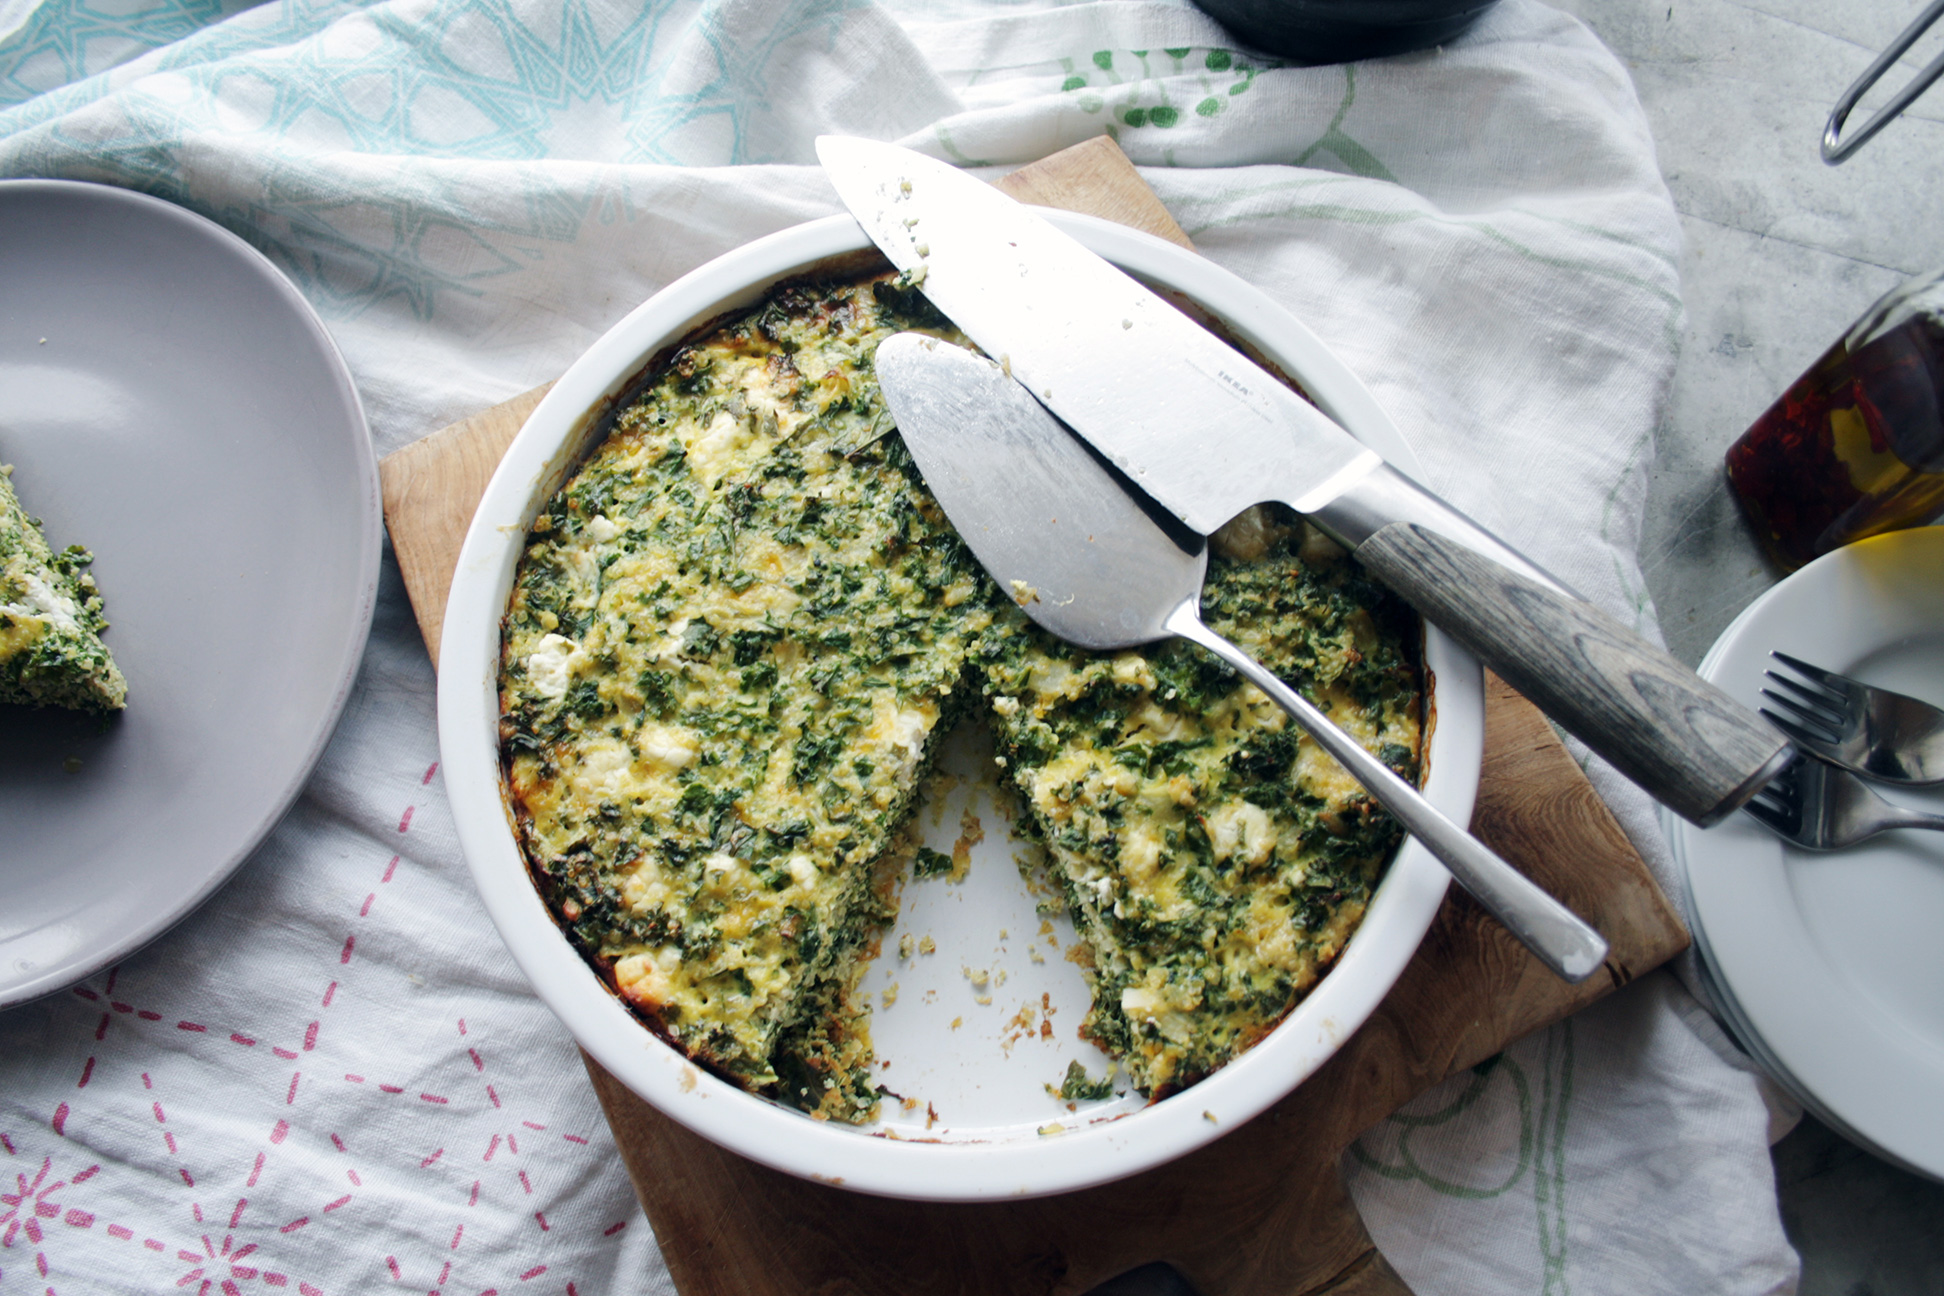 Kale_quinoa_pieER02.jpg